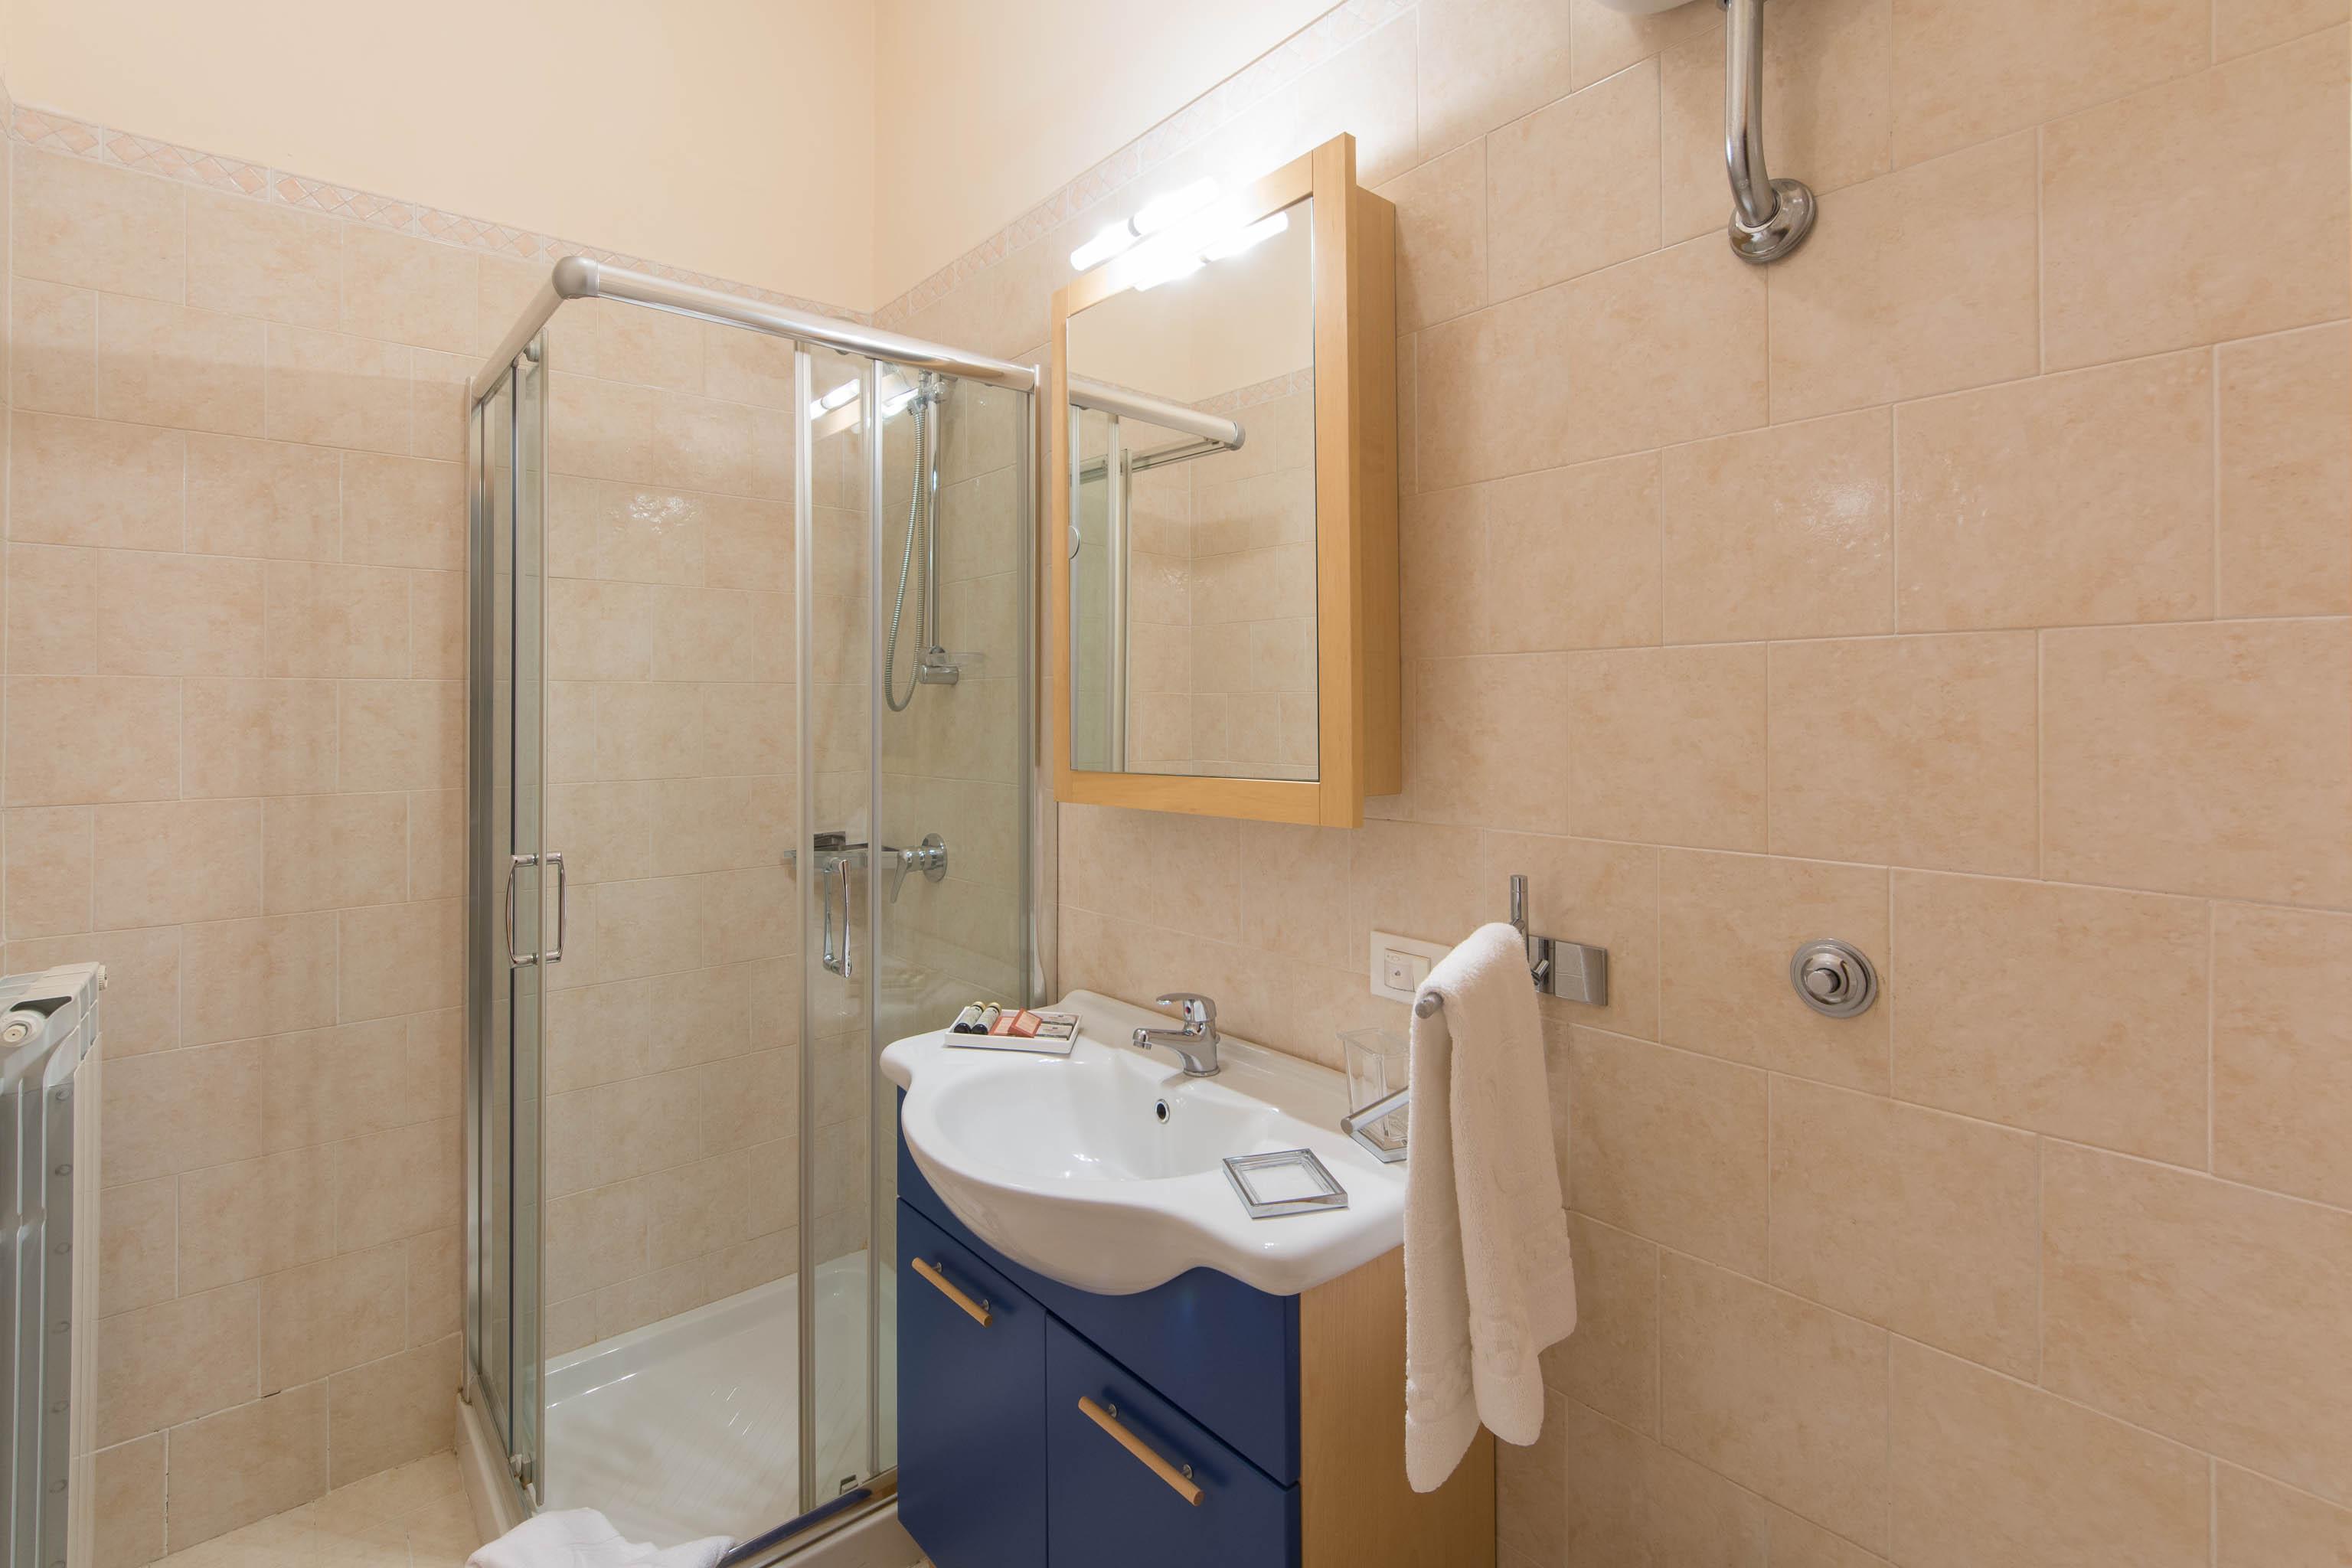 Bagno di servizio best un bagno di servizio with bagno di - Bagno di servizio ...